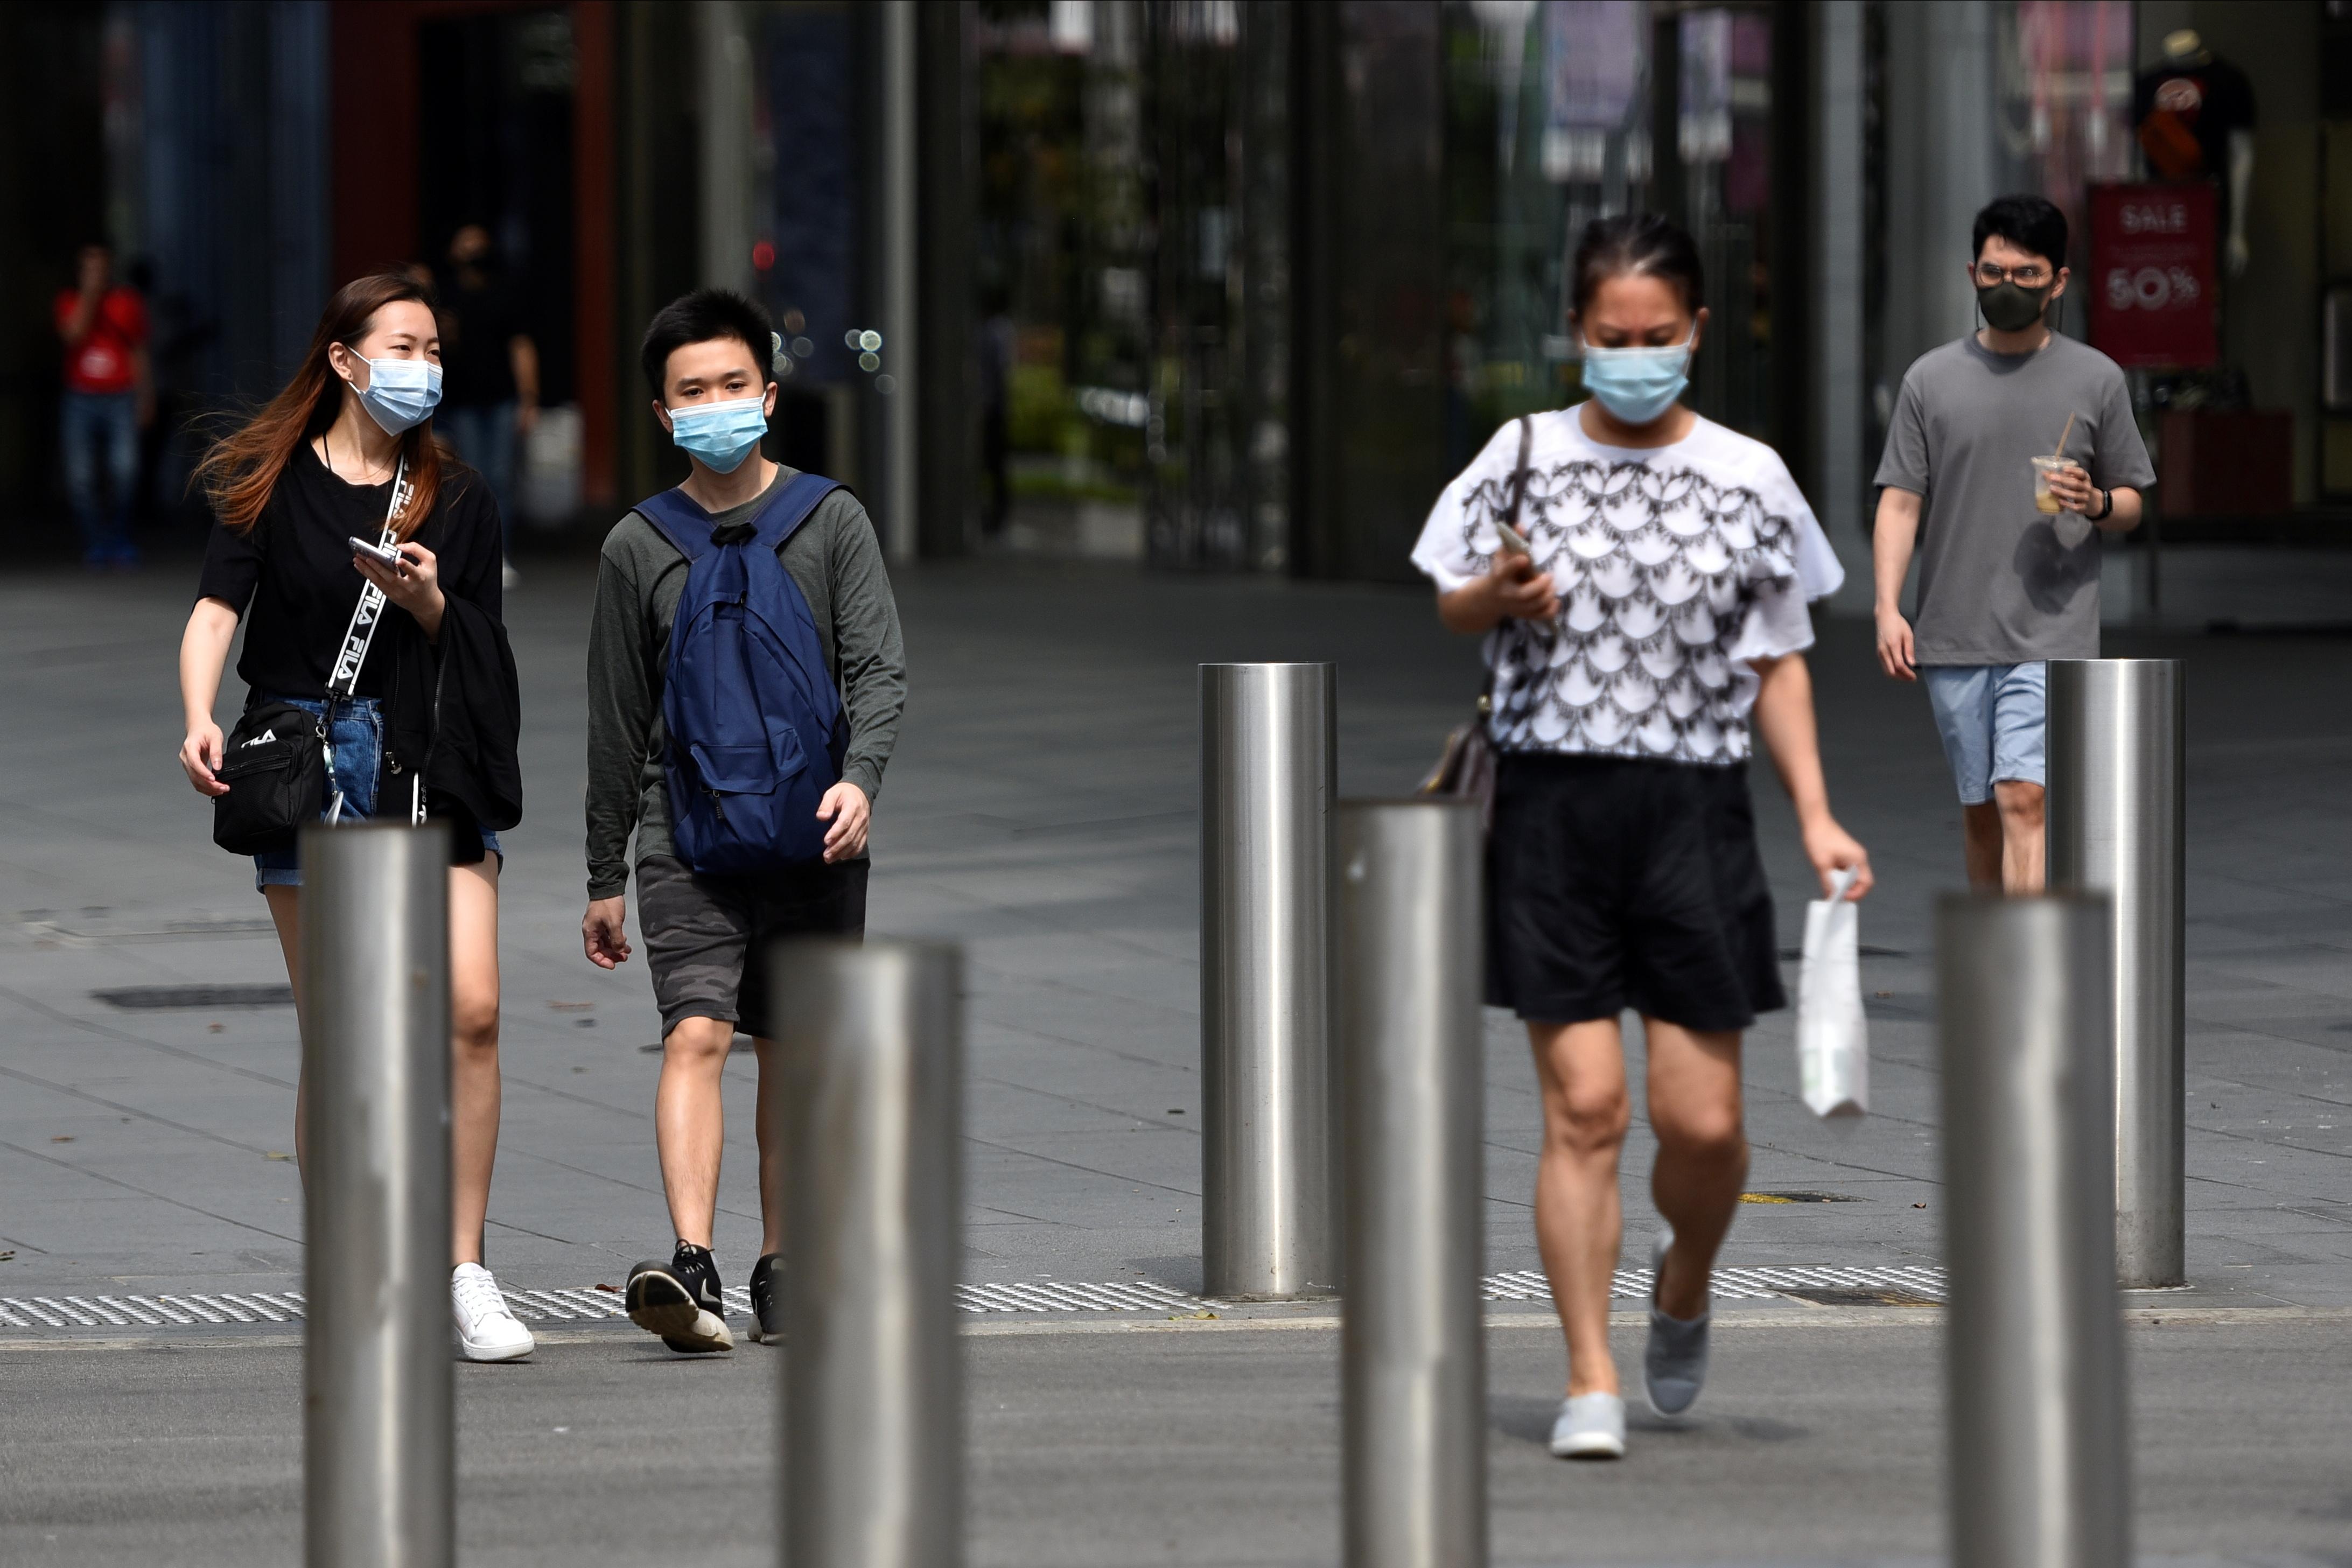 自从去年1月以来,新加坡至今已通报6万2223人确诊2019新型冠状病毒疾病。-路透社-